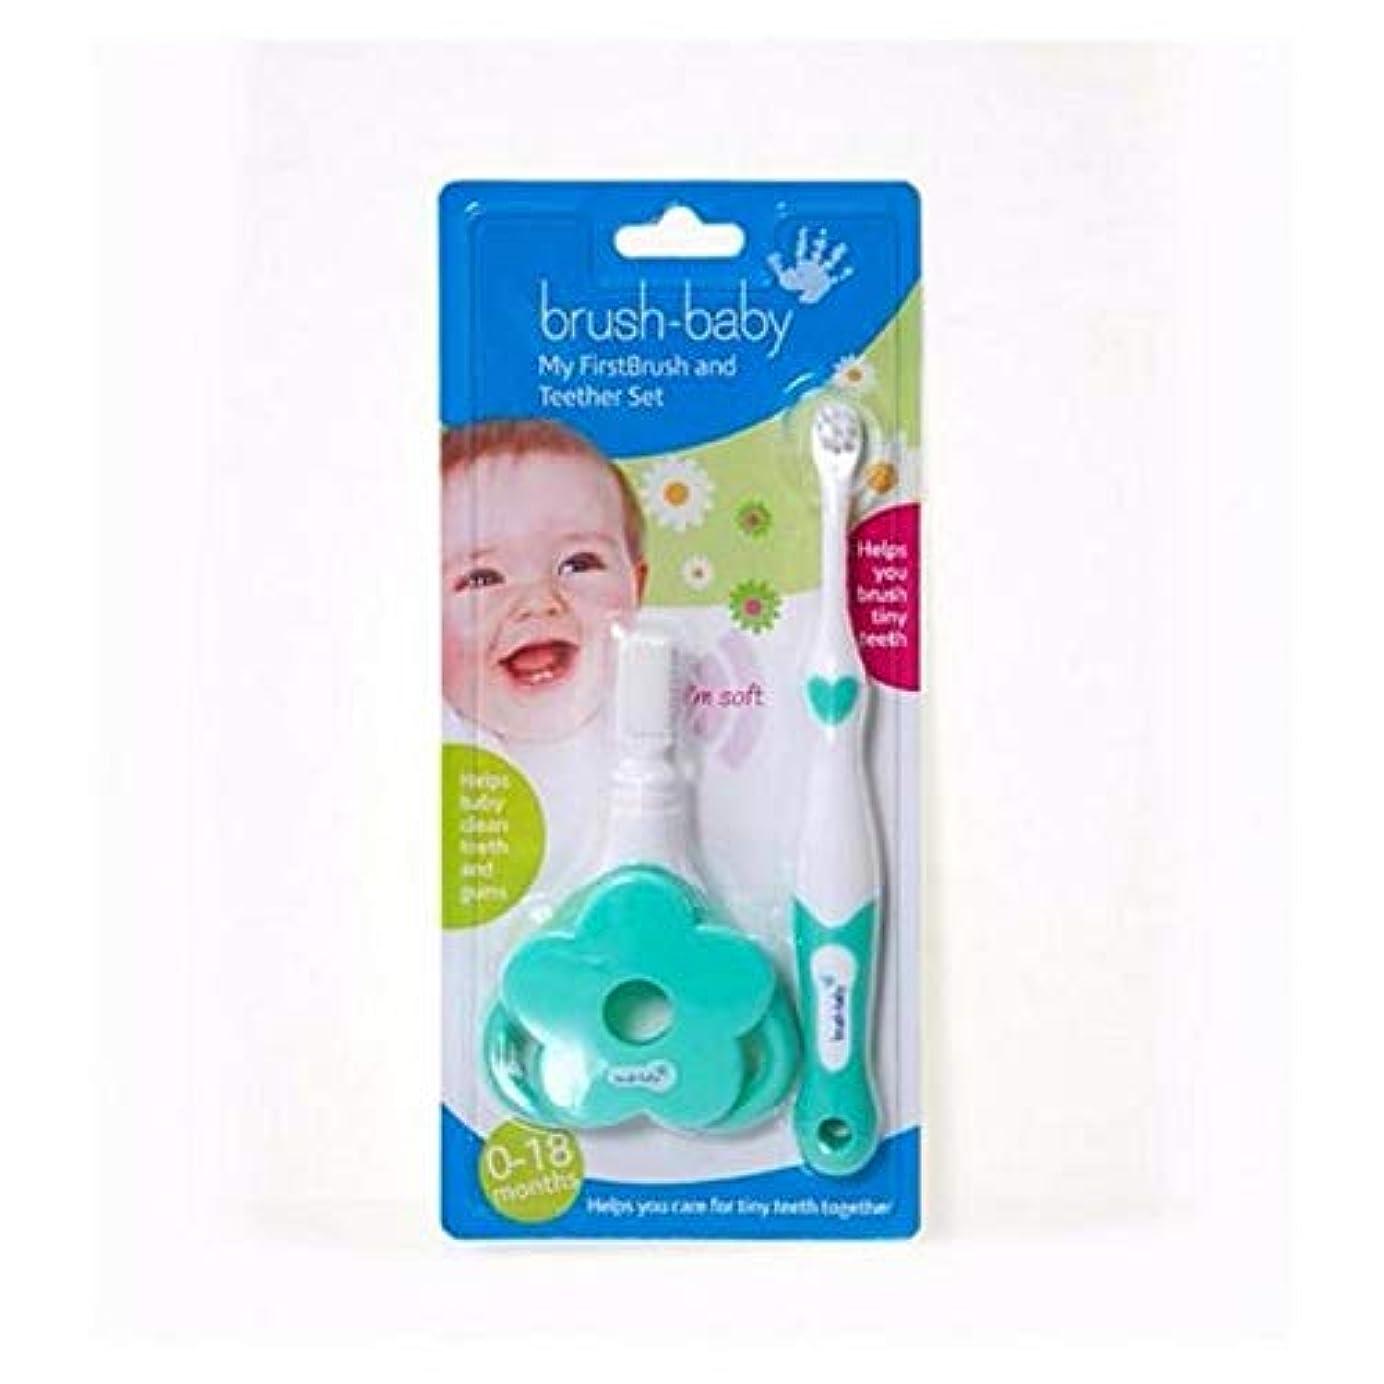 パーセント巡礼者ストリップ[Brush-Baby ] ブラシ赤ちゃんが私のFirstbrush&おしゃぶりはパックごとに2を設定します - Brush-Baby My FirstBrush & Teether Set 2 per pack [並行輸入品]